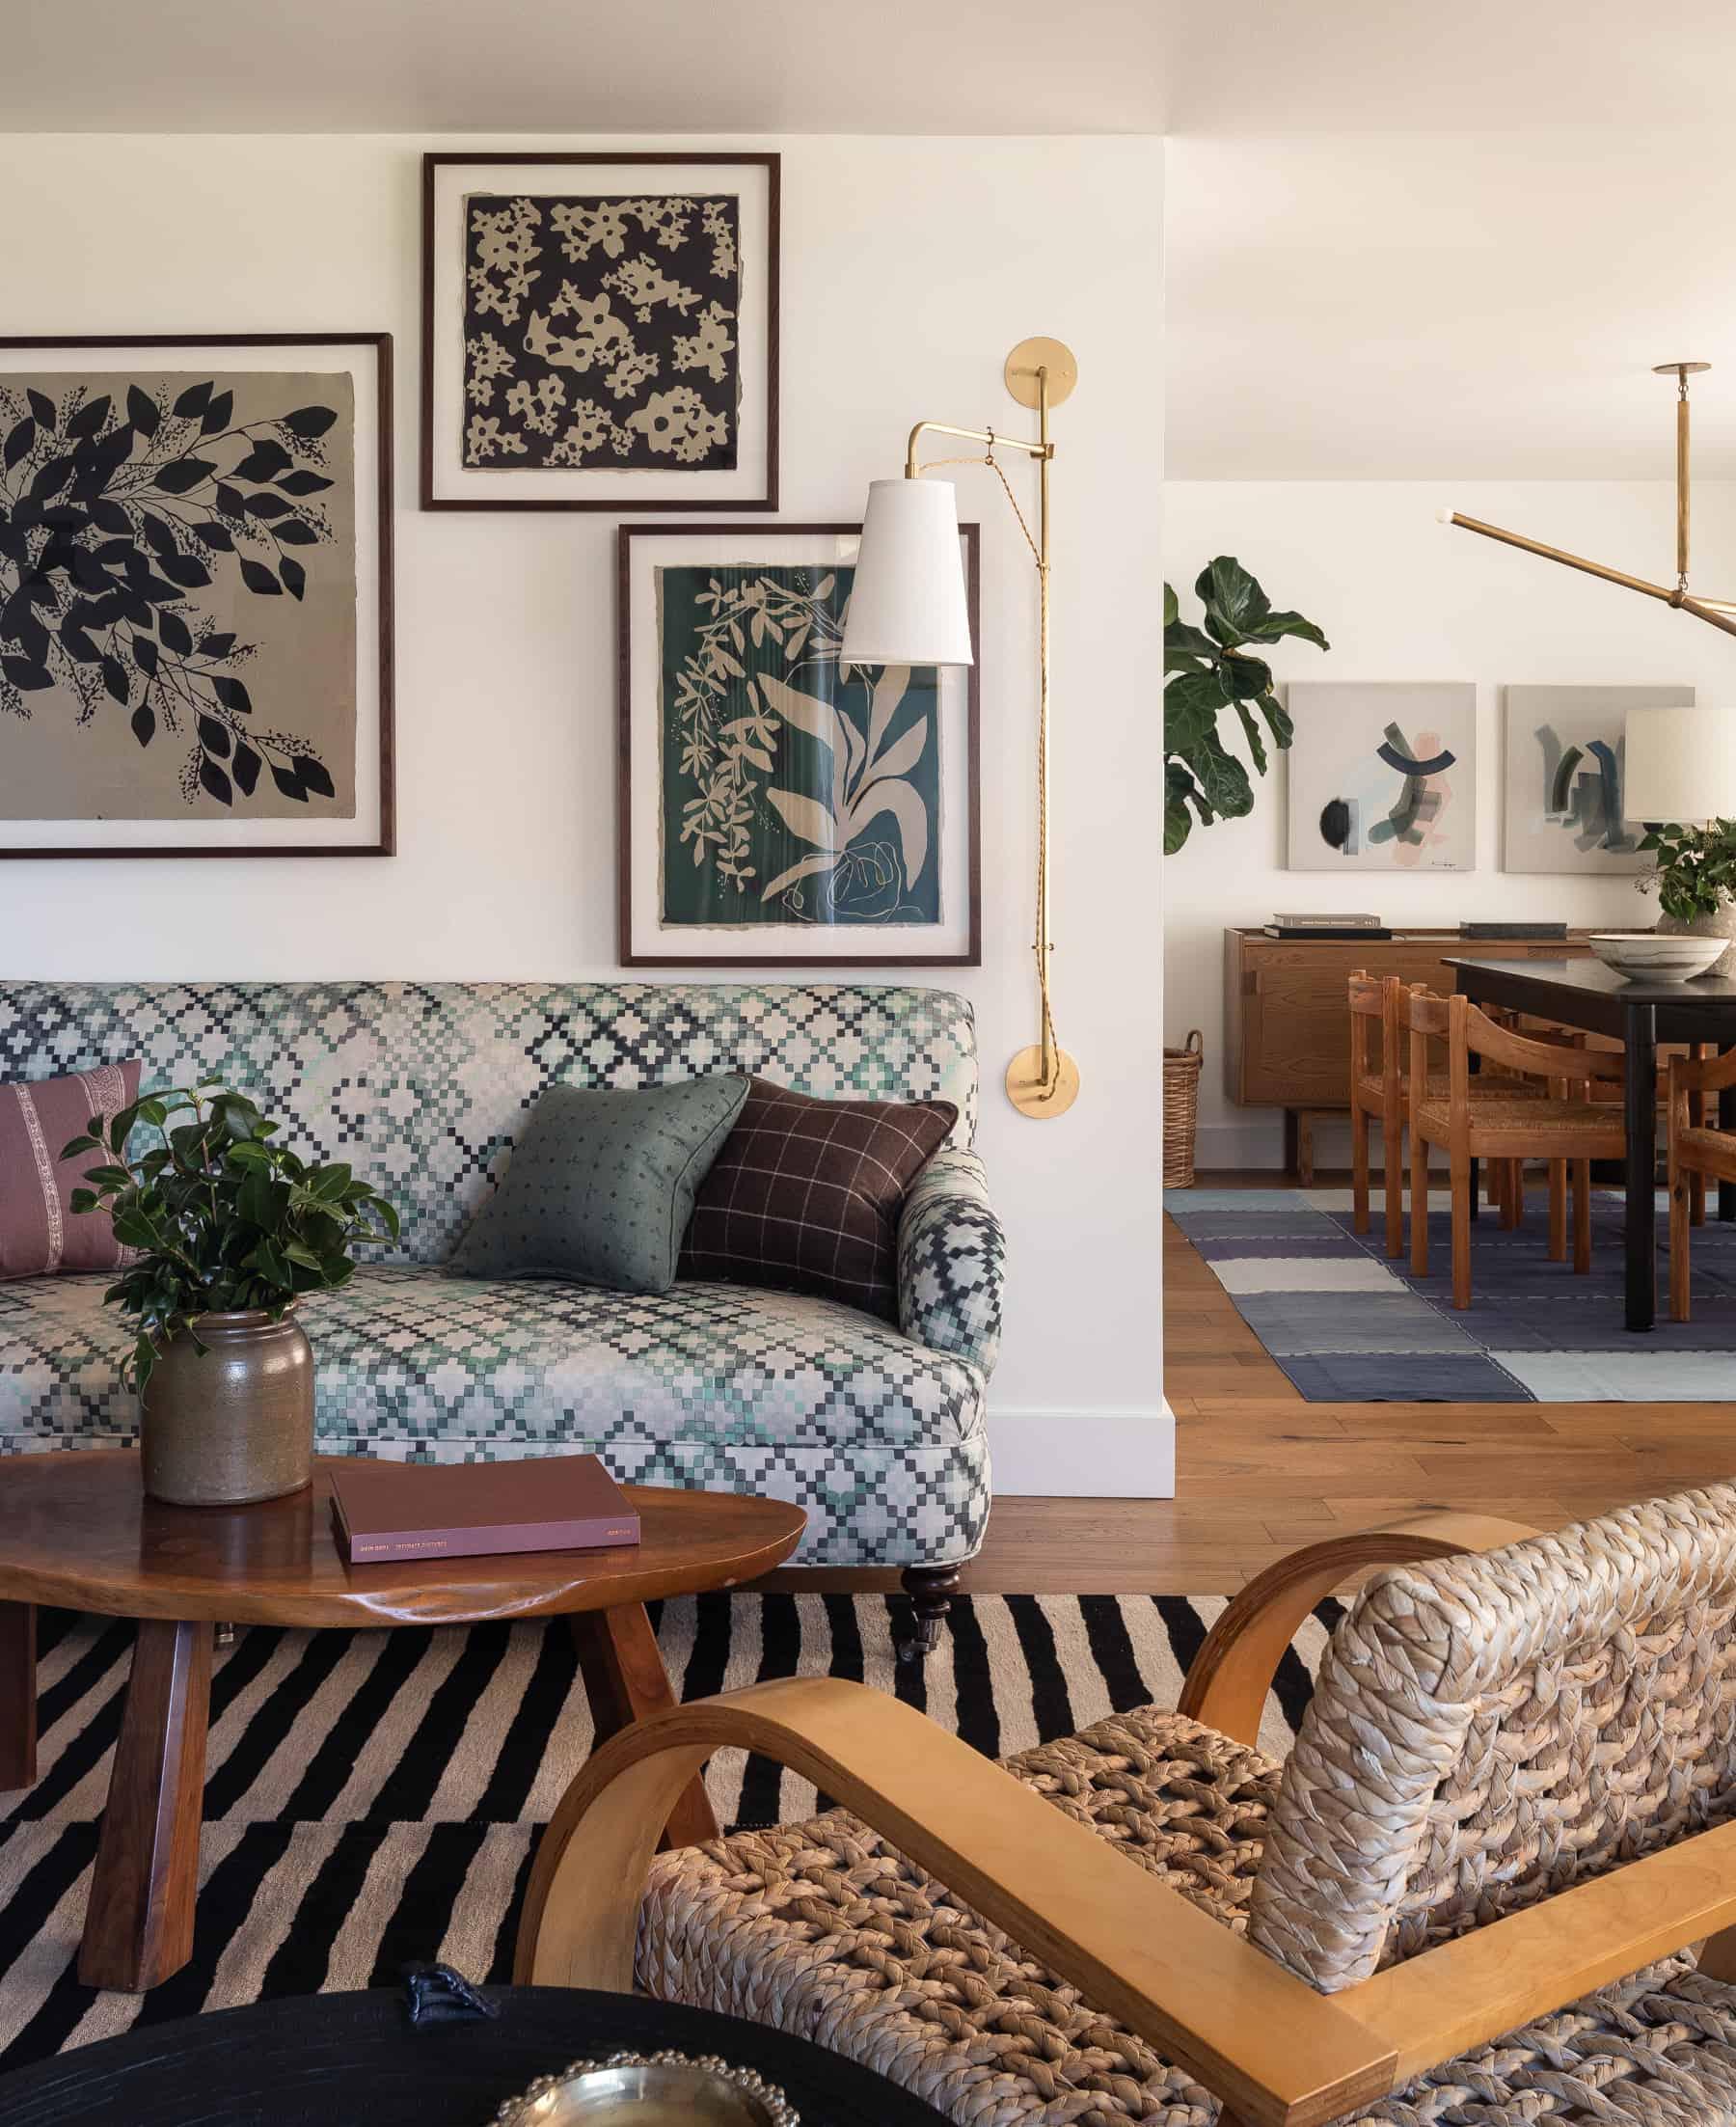 Heidi-Caillier-Design-Seattle-interior-designer-Olympic